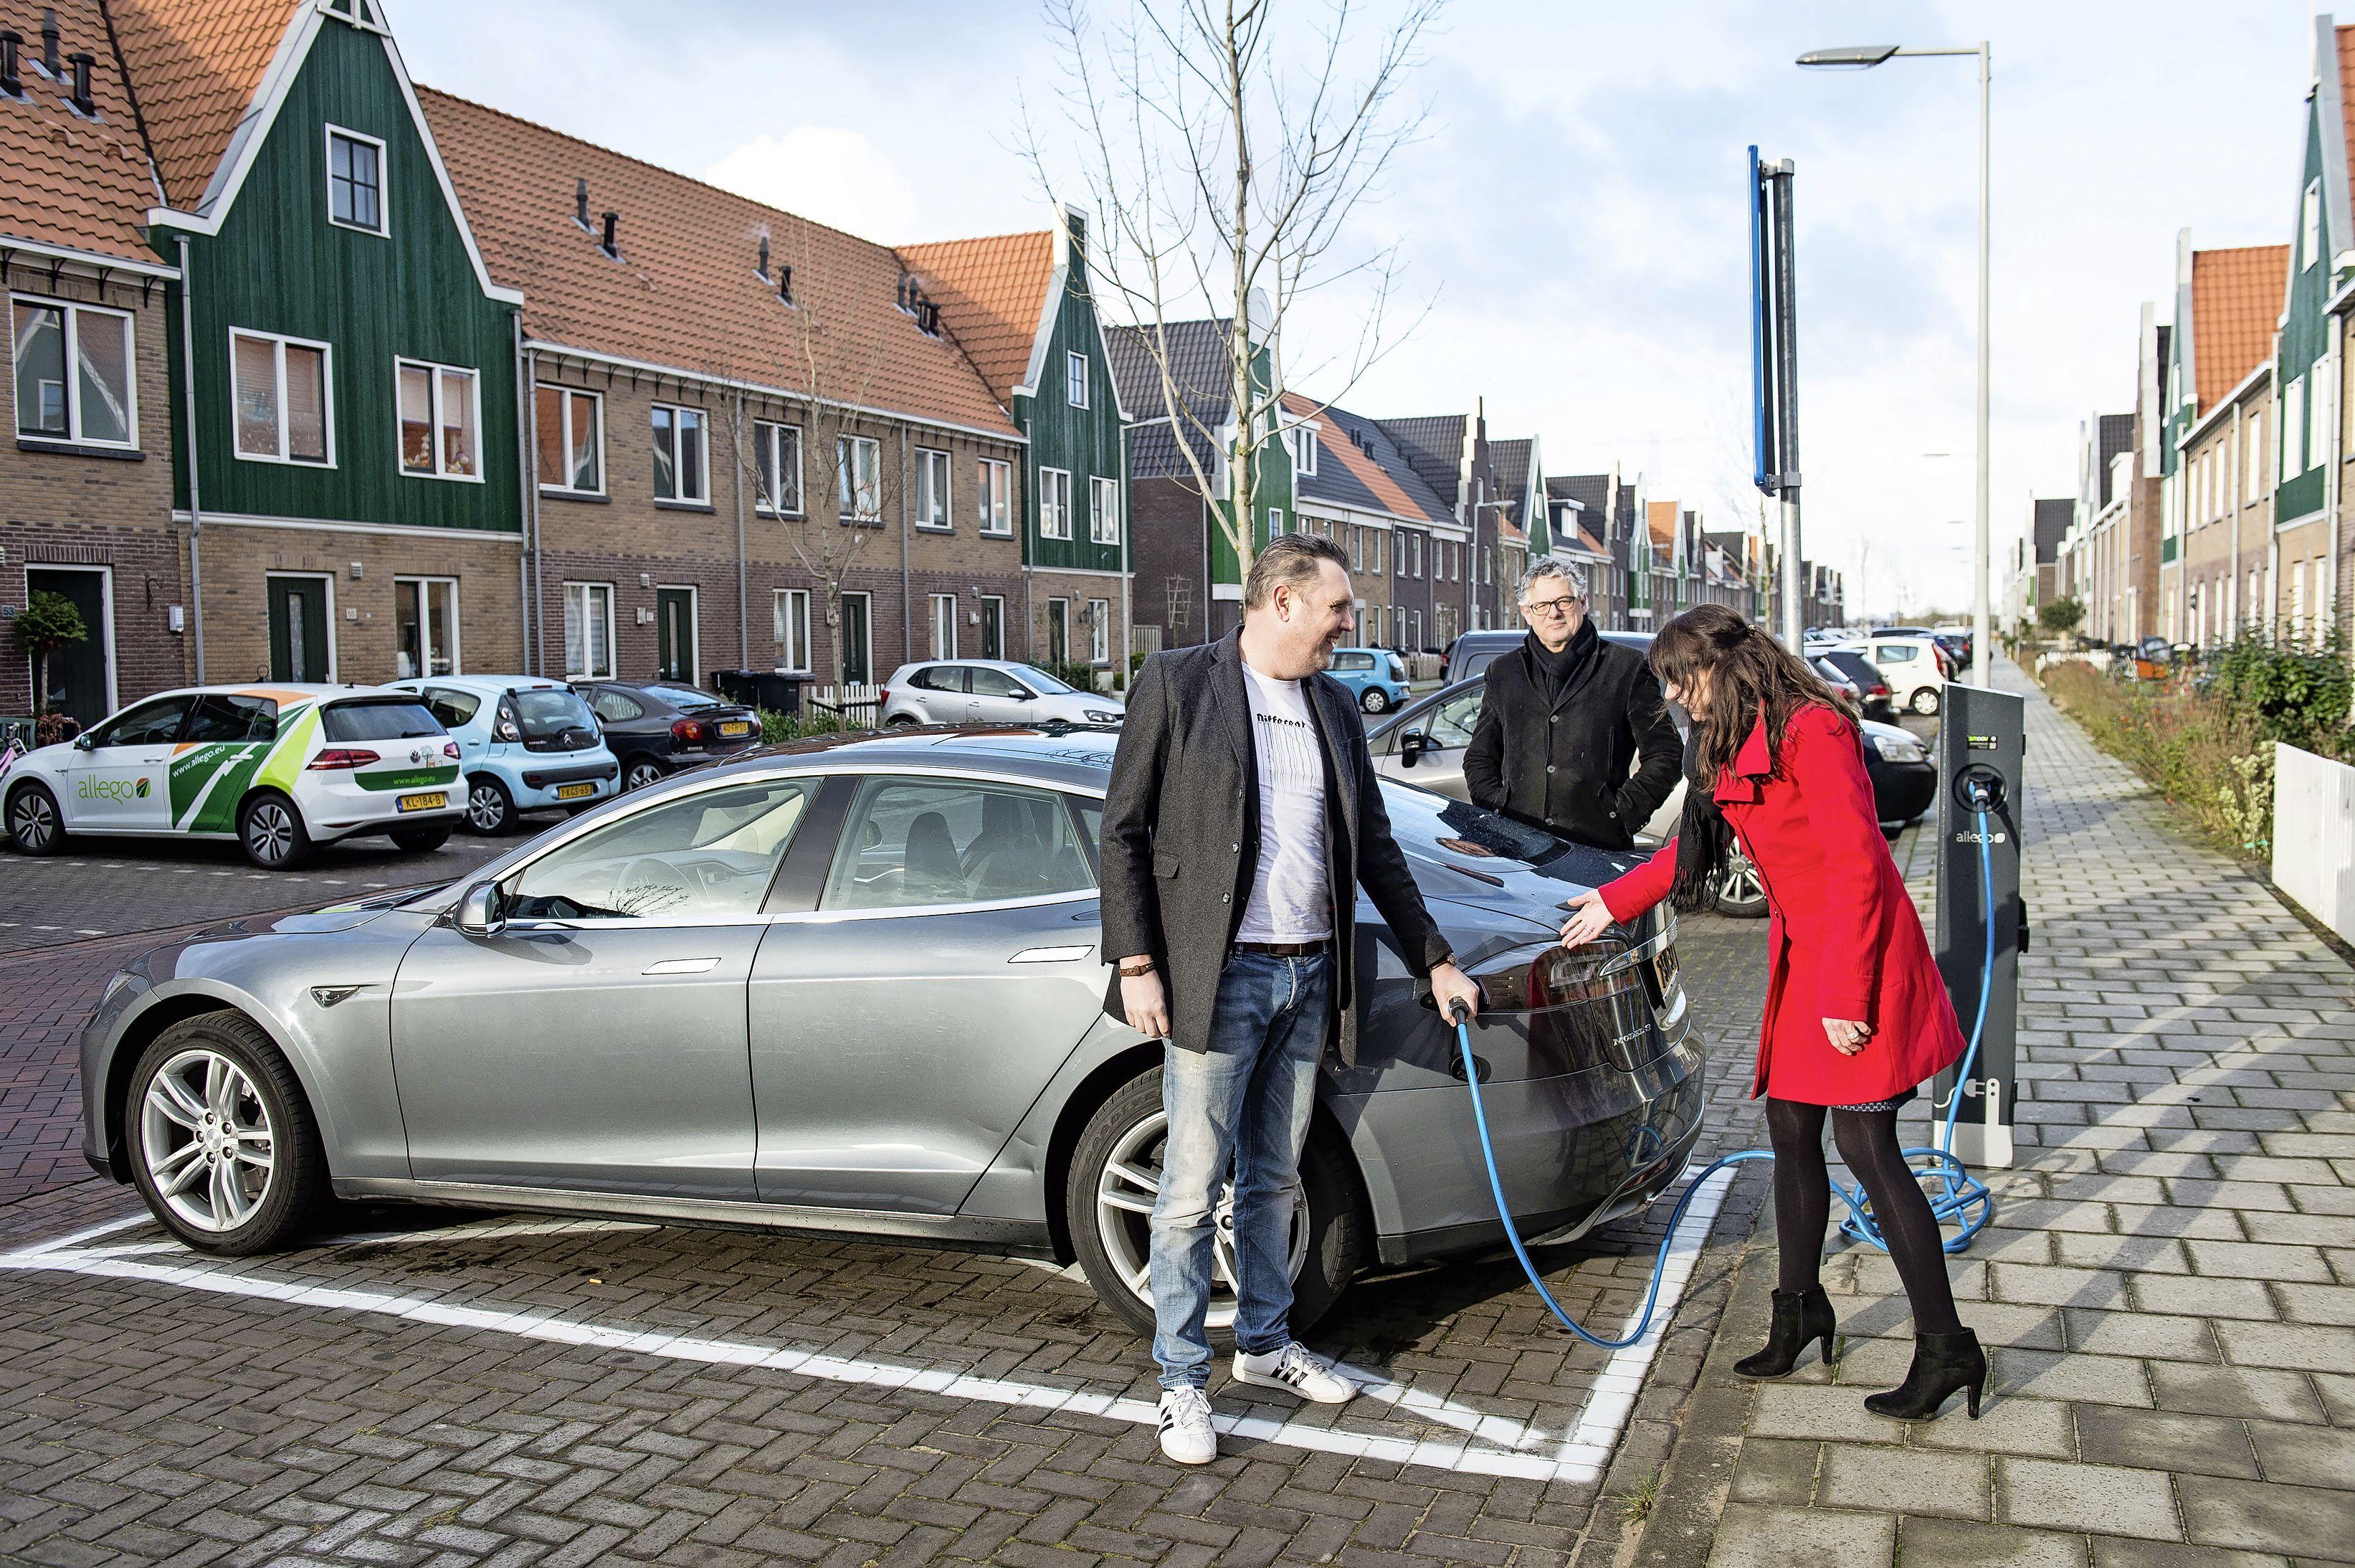 Beemster heeft de meeste elektrische auto's rijden in de regio, maar de minste laadpalen. Zaanstad en Purmerend liggen achter op andere grote steden